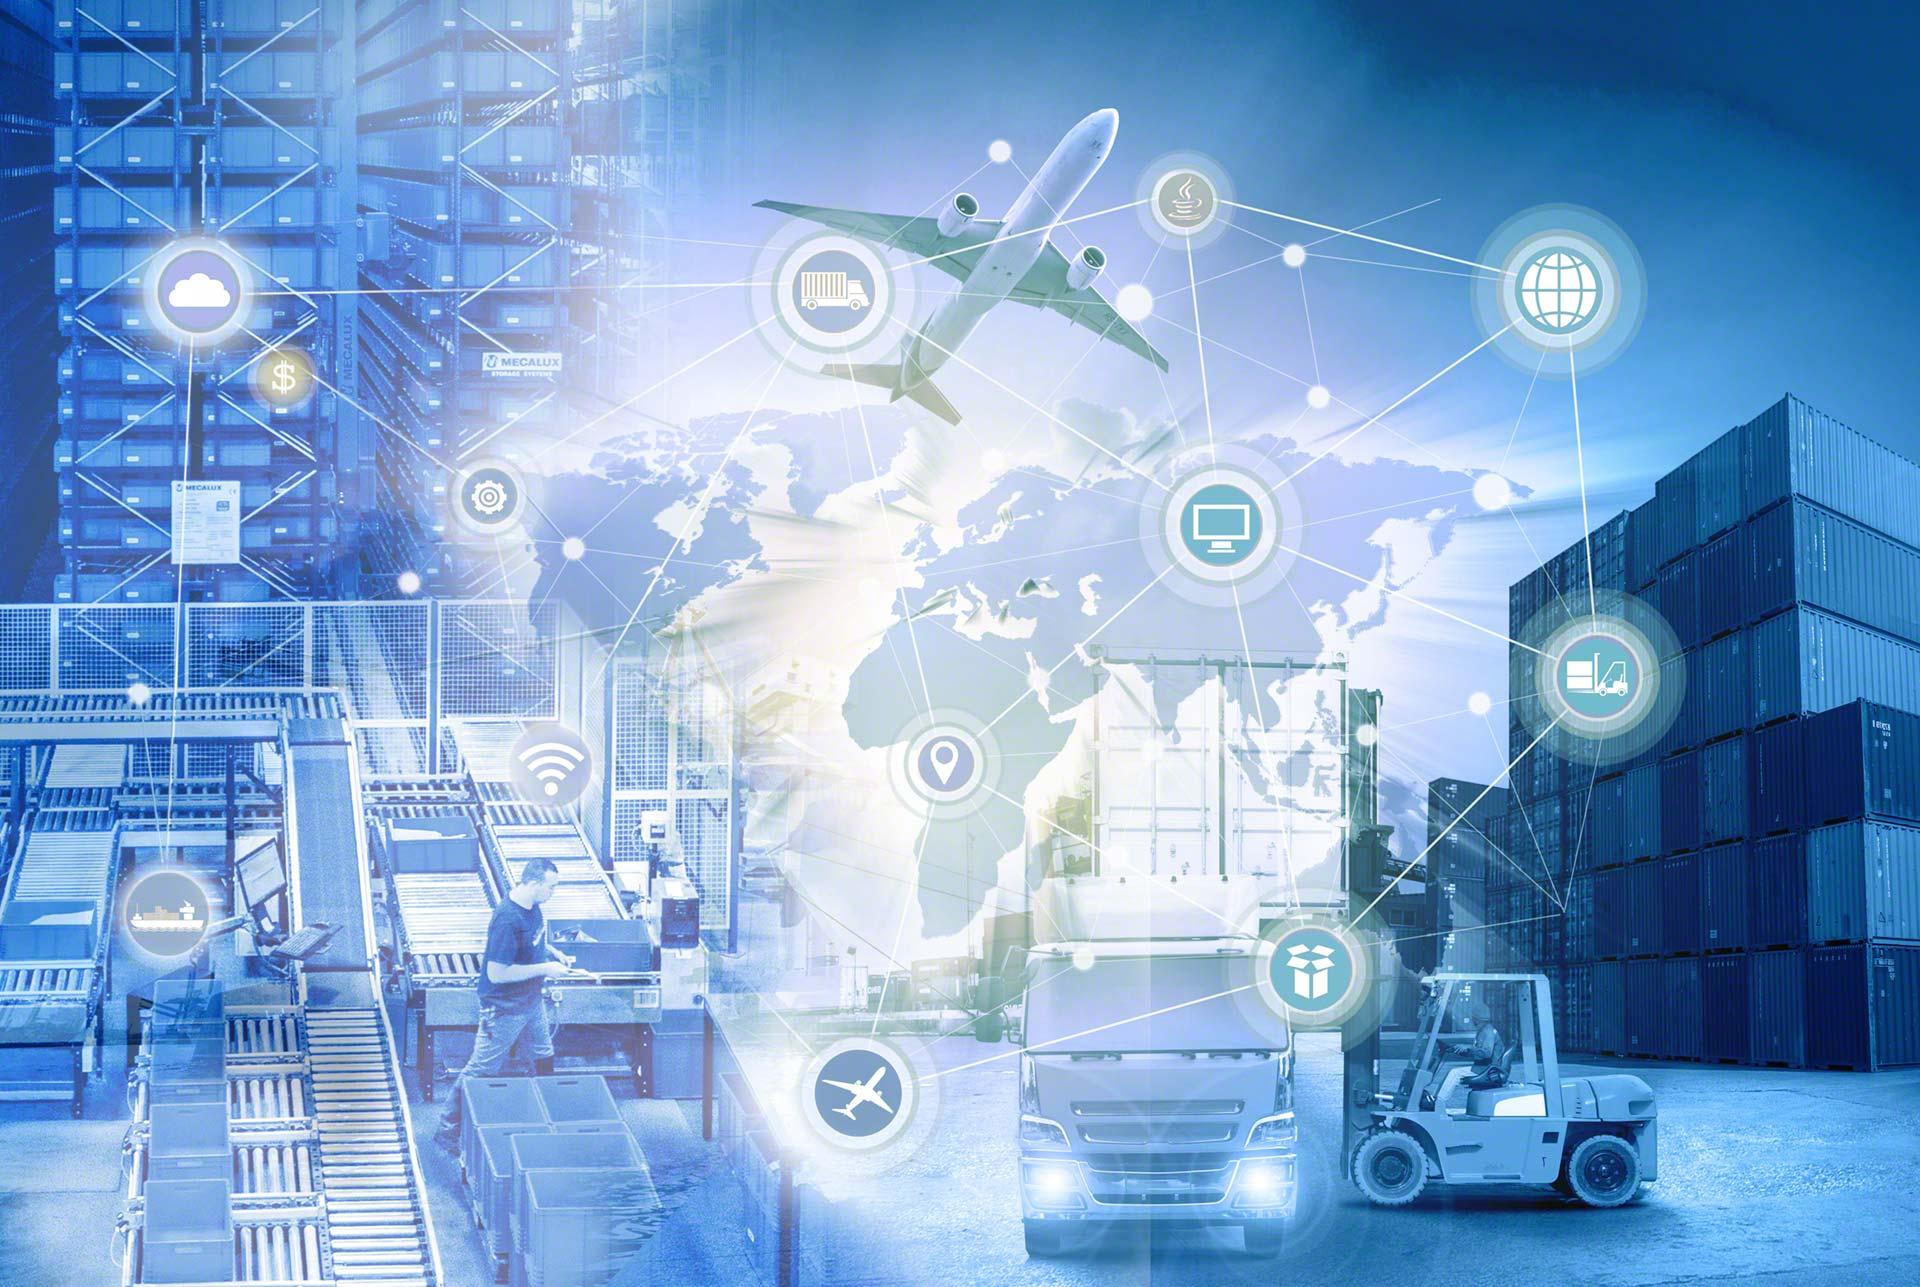 Die Supply Chain 4.0 bezieht sich auf die Einbindung neuer Technologien in die Lieferkette.